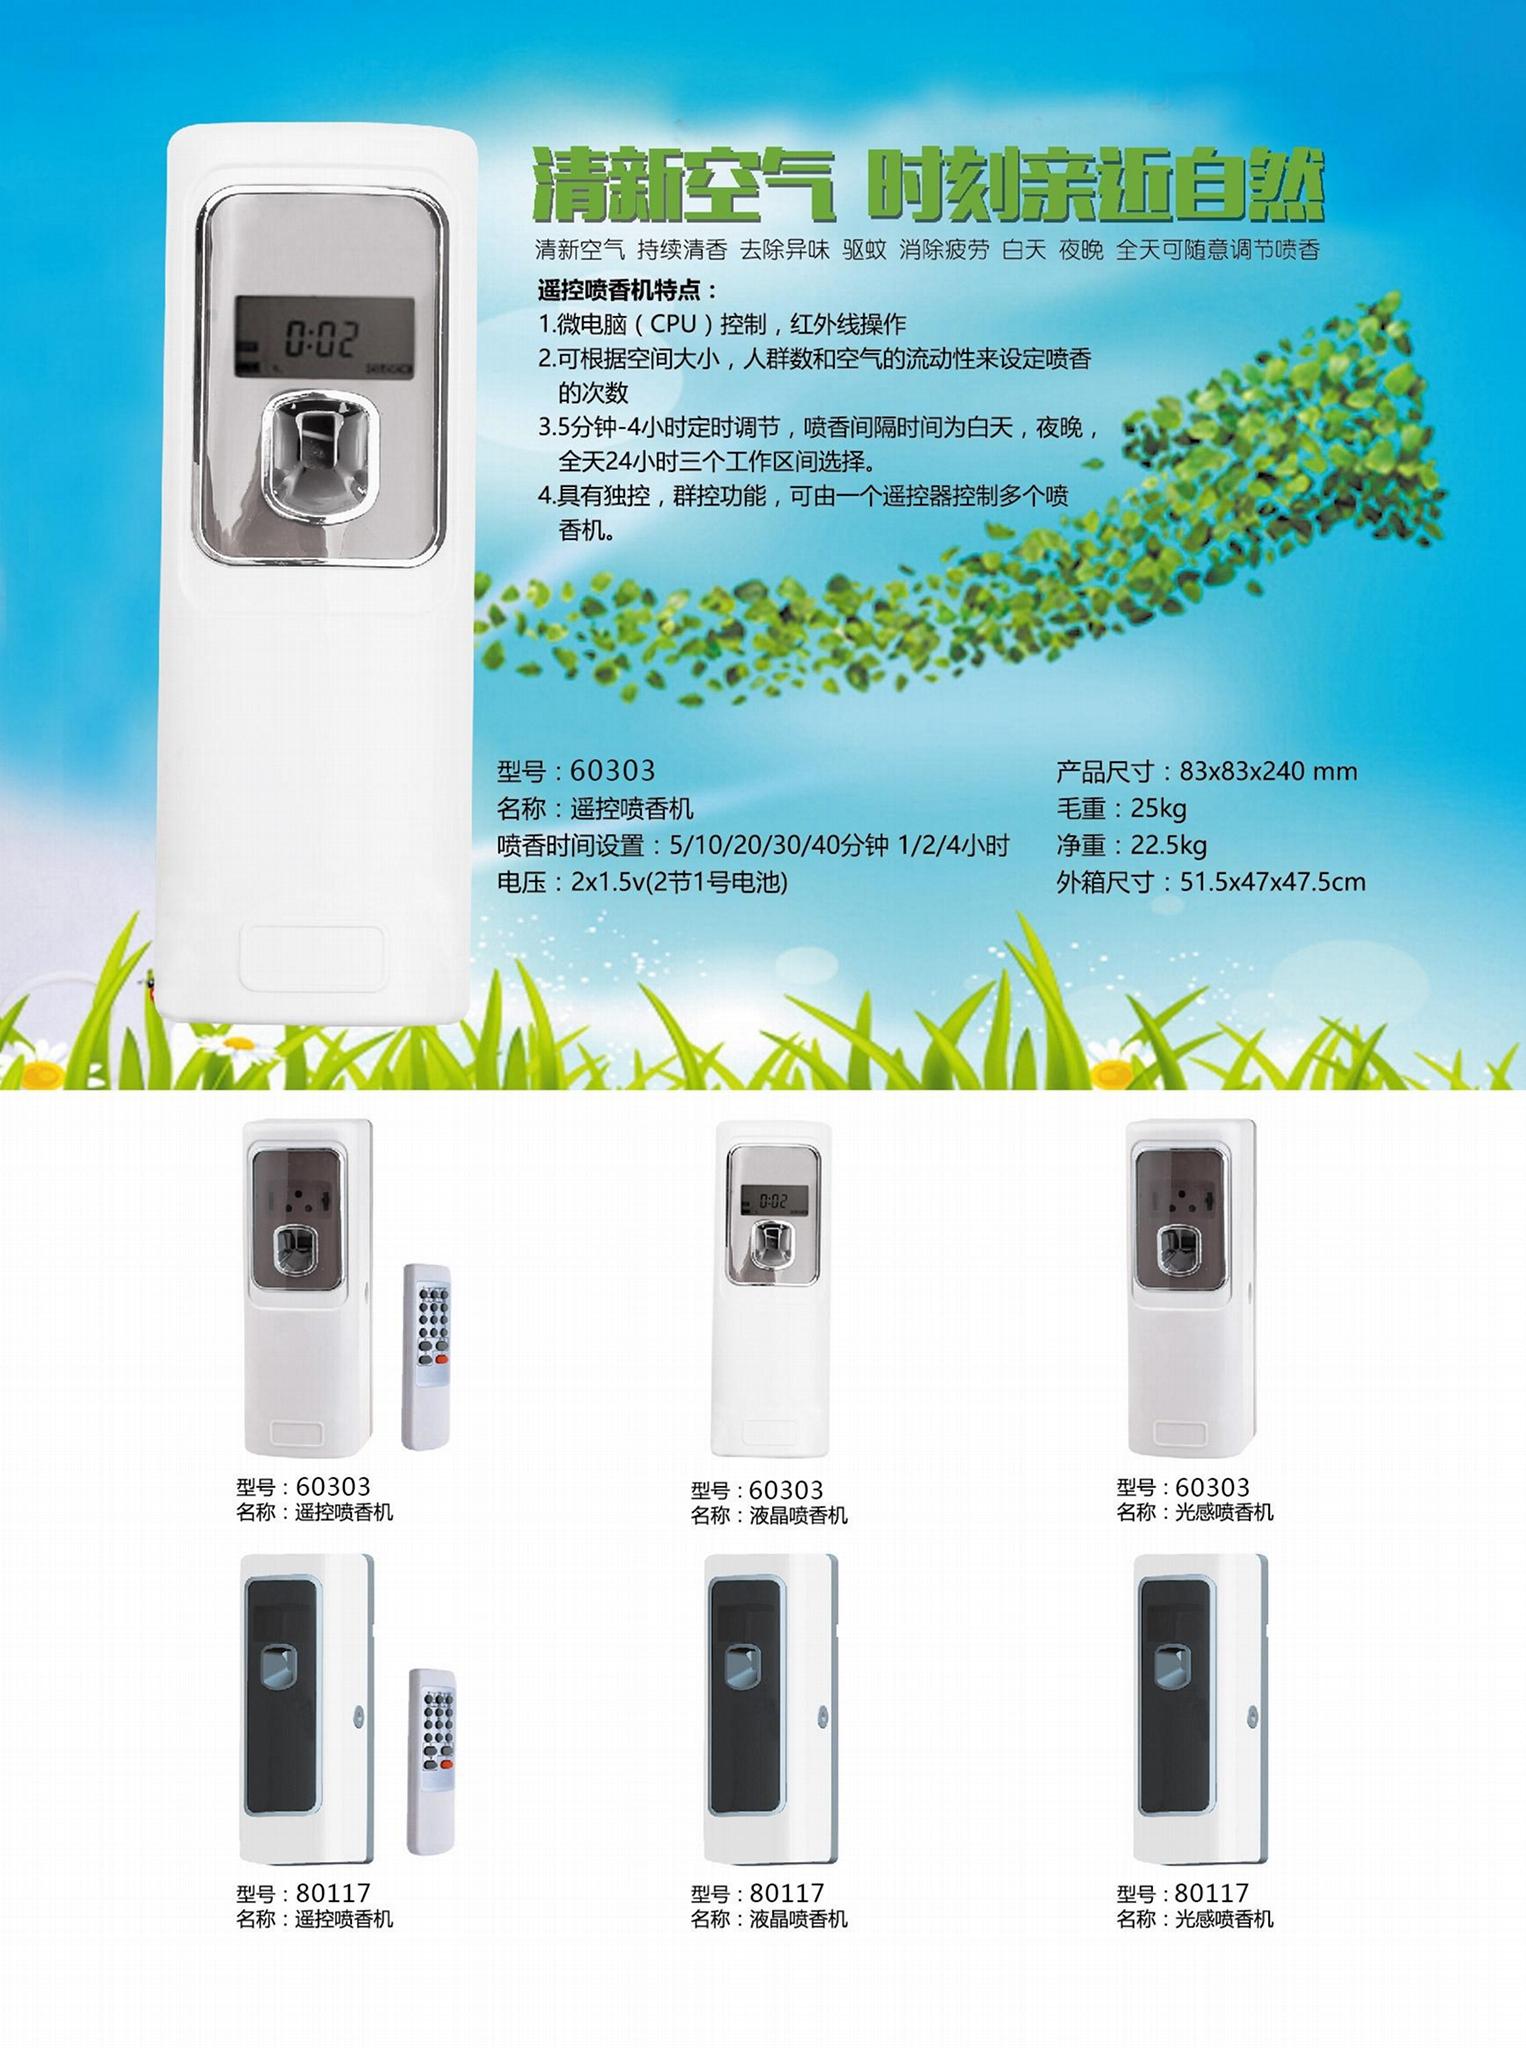 自动喷香机带遥控器定时飘香机 厕所智能香水机酒店扩香机 香氛机 6